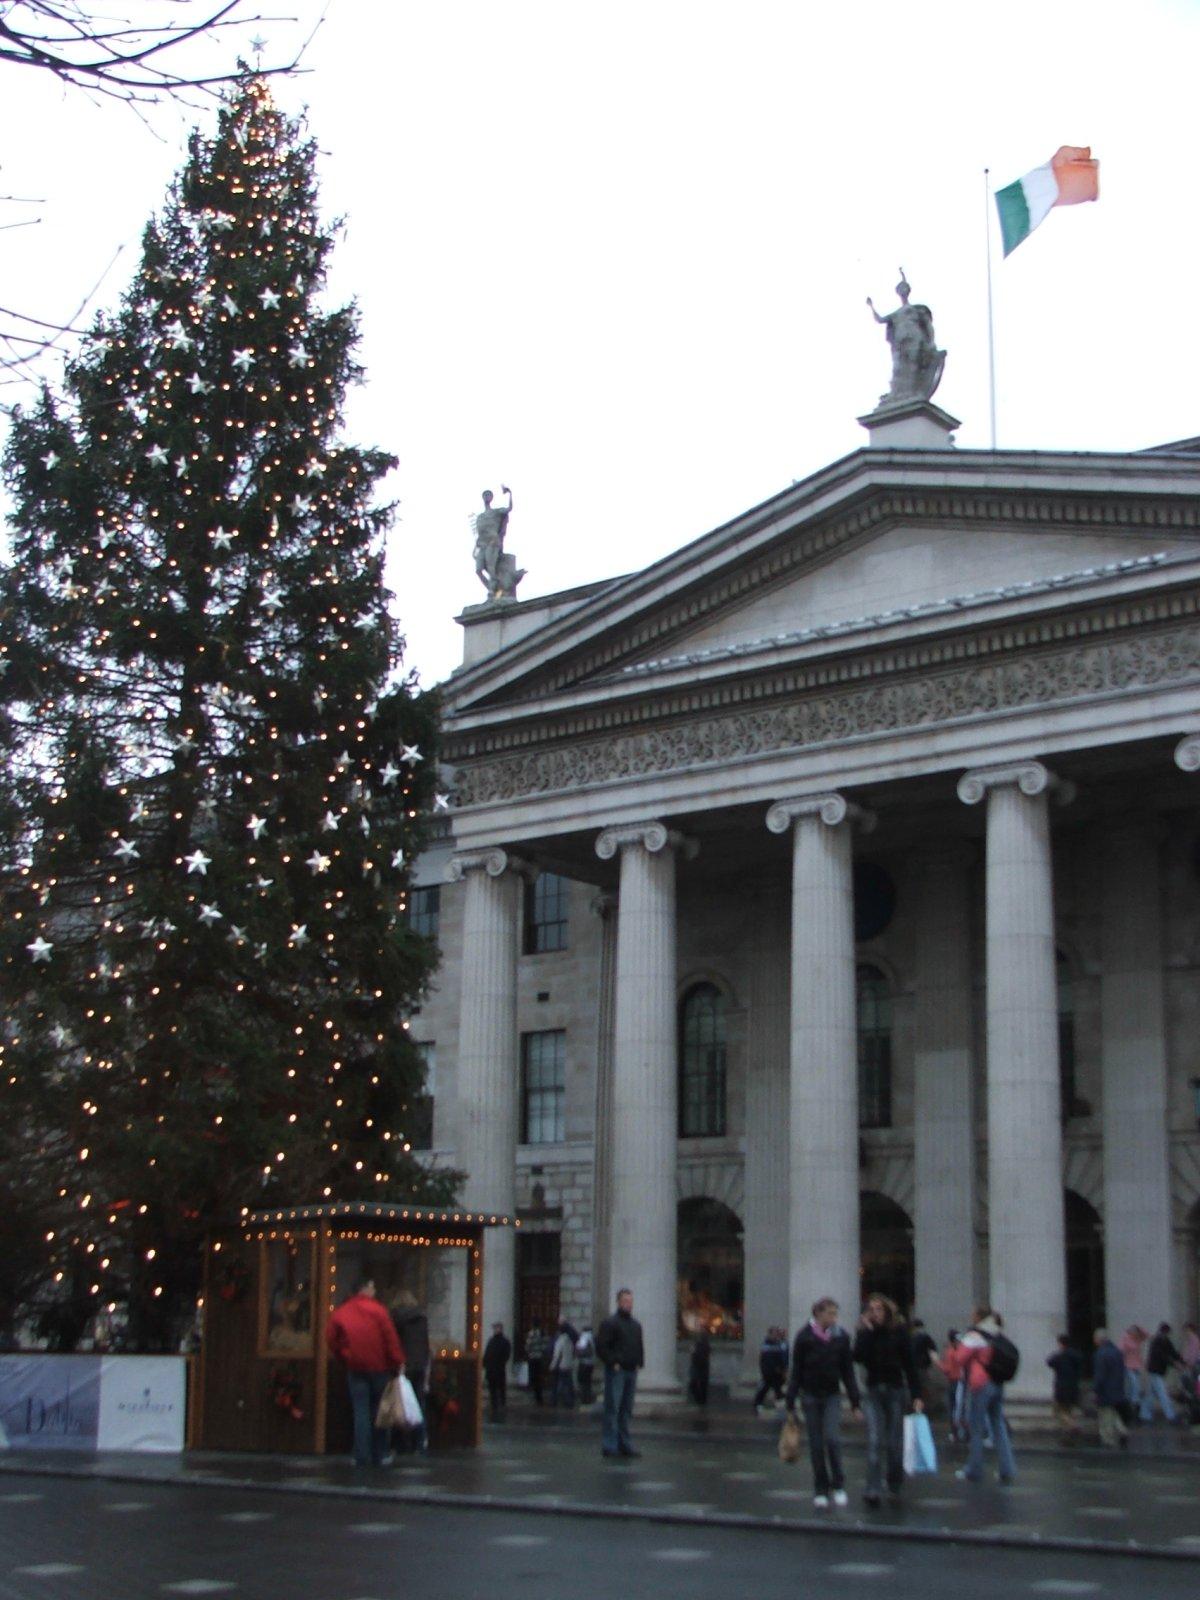 Weihnachtsbaum Kaufen Chemnitz.Tuc Adventskalender 2006 22 Nollaig Shona